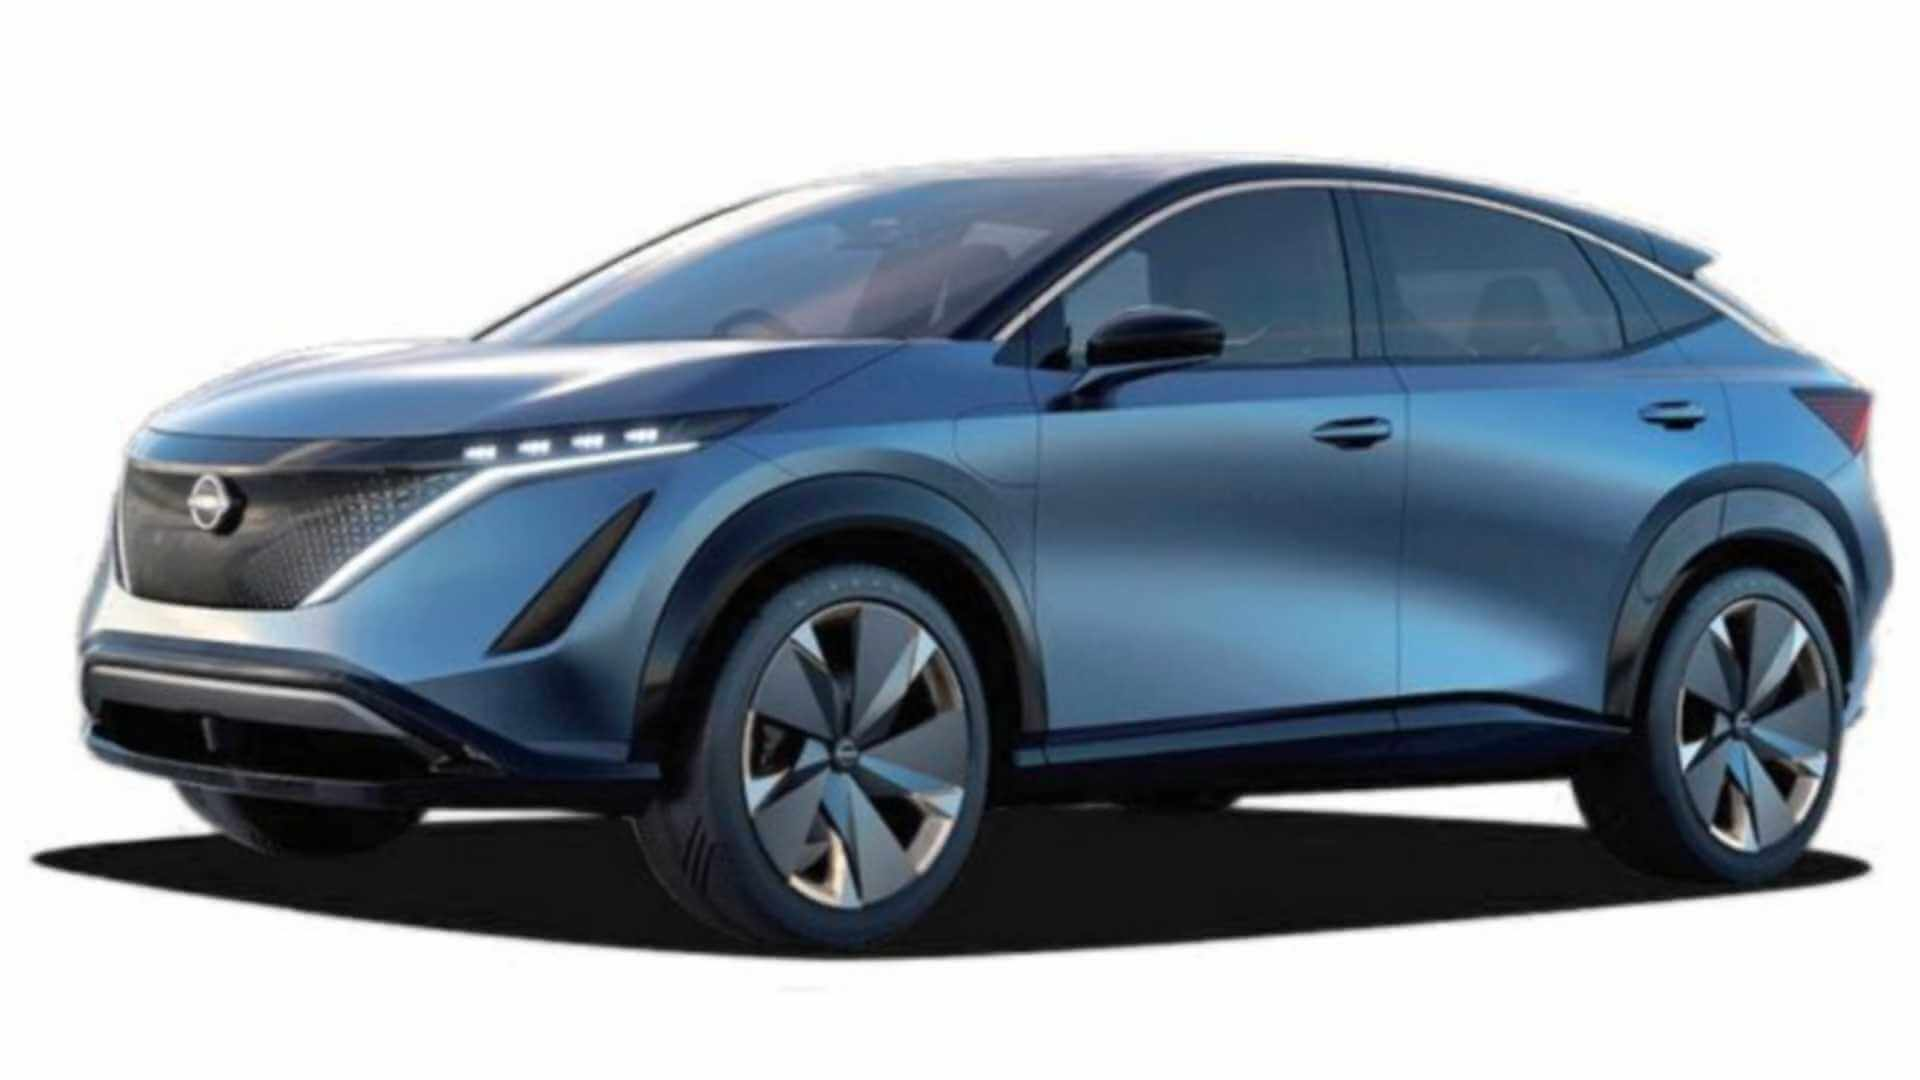 Концепт кроссовера Nissan Ariya